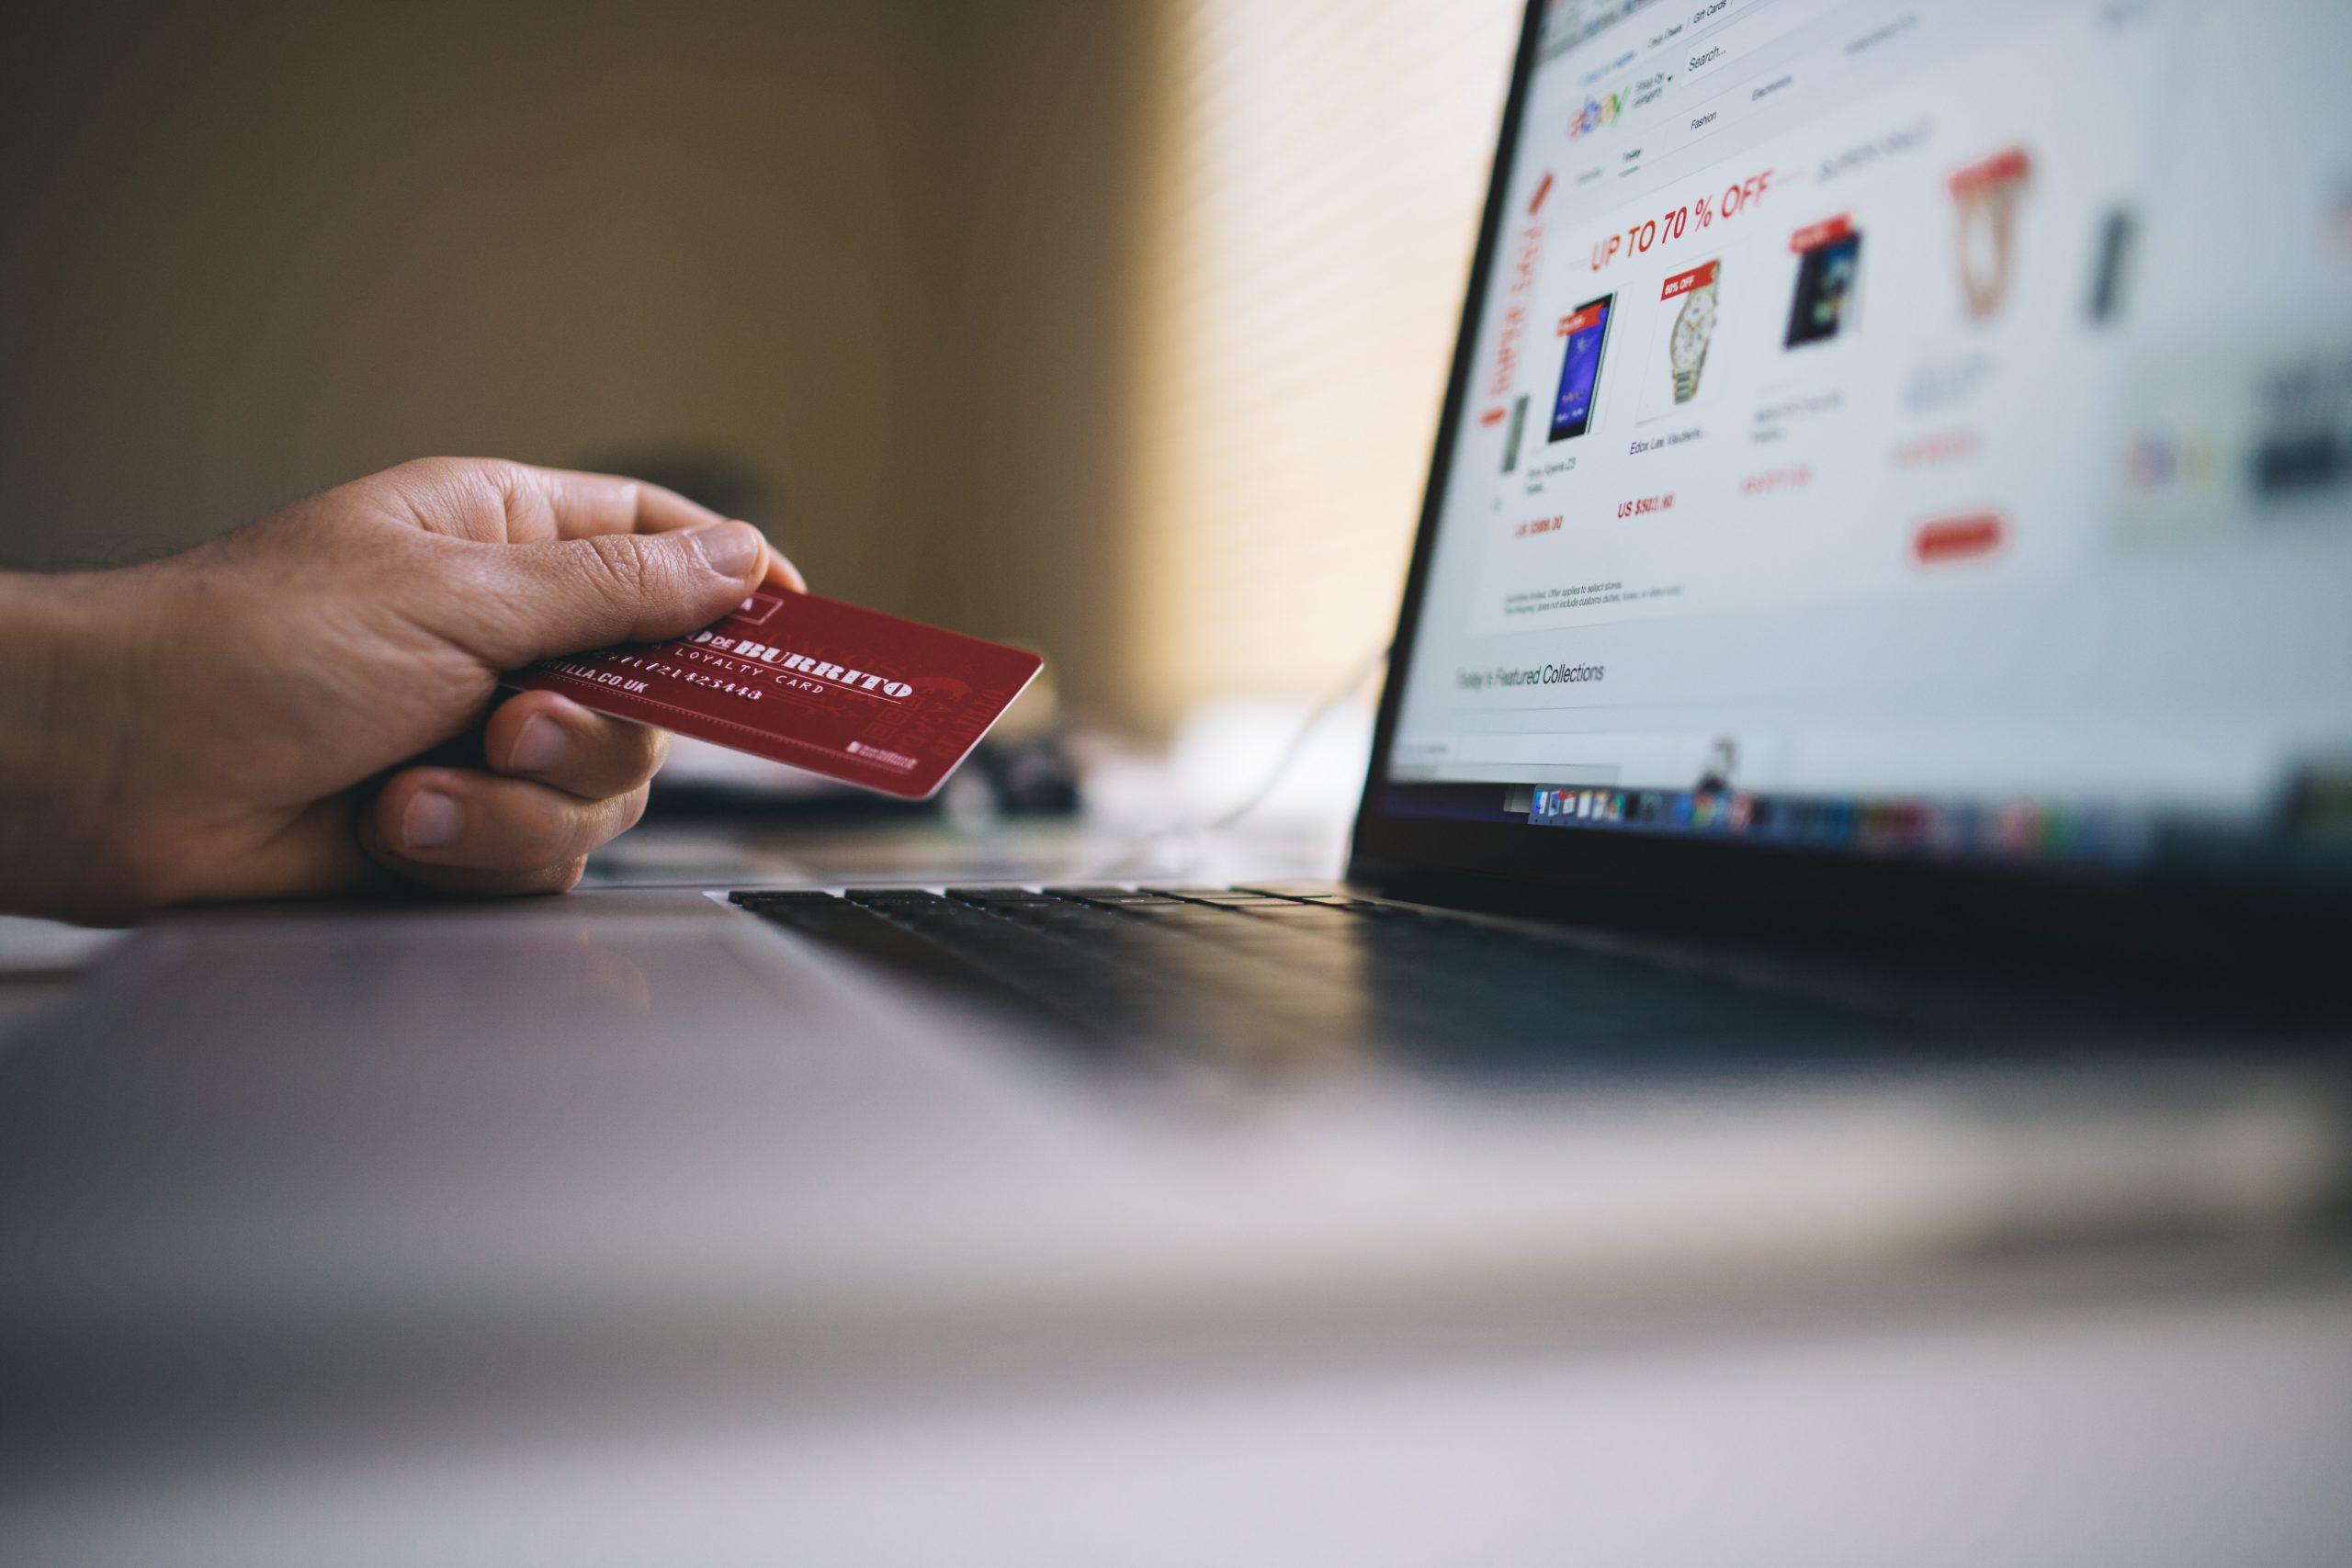 Aumentare Conversioni E-Commerce